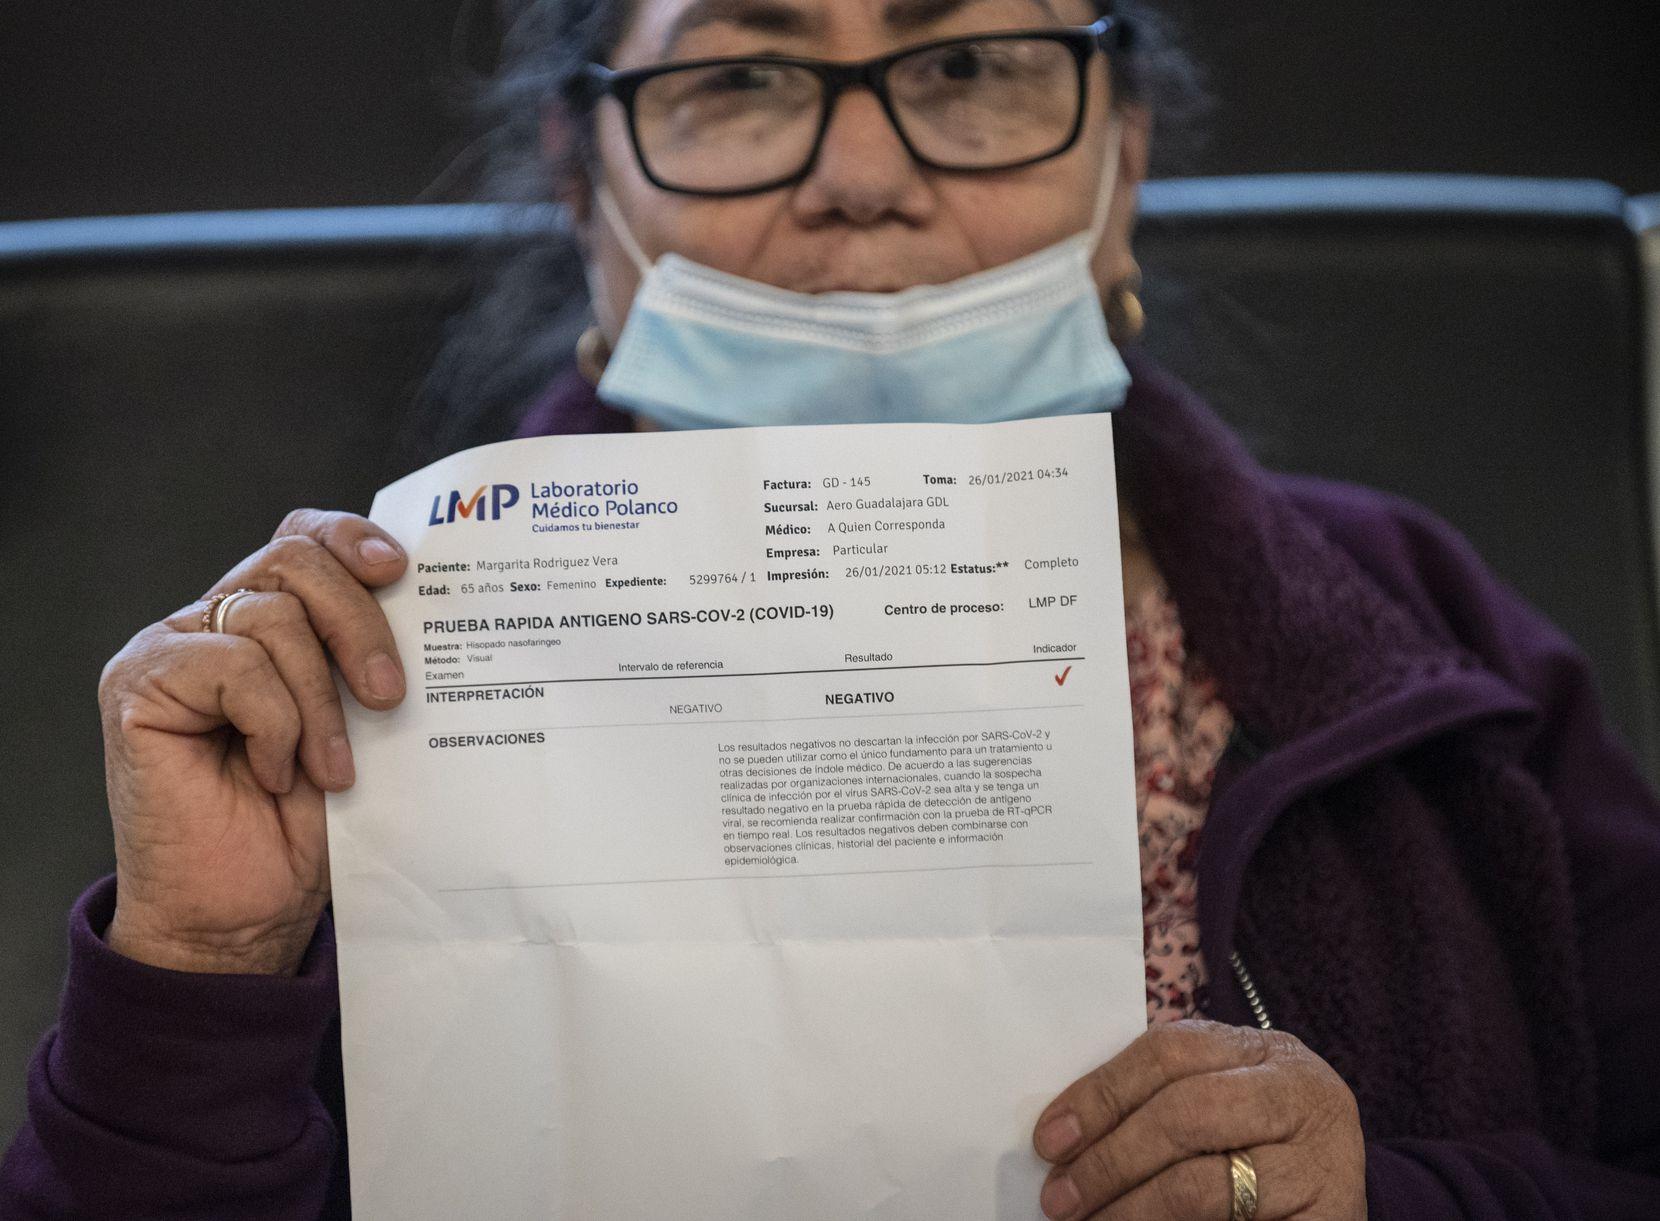 Margarita Navarro mostró el resultado negativo de la prueba de covid-19 que entregó en el mostrador de la aerolínea, después de realizarse una prueba rápida en un módulo clínico instalado en las afueras del Aeropuerto Internacional de Guadalajara.